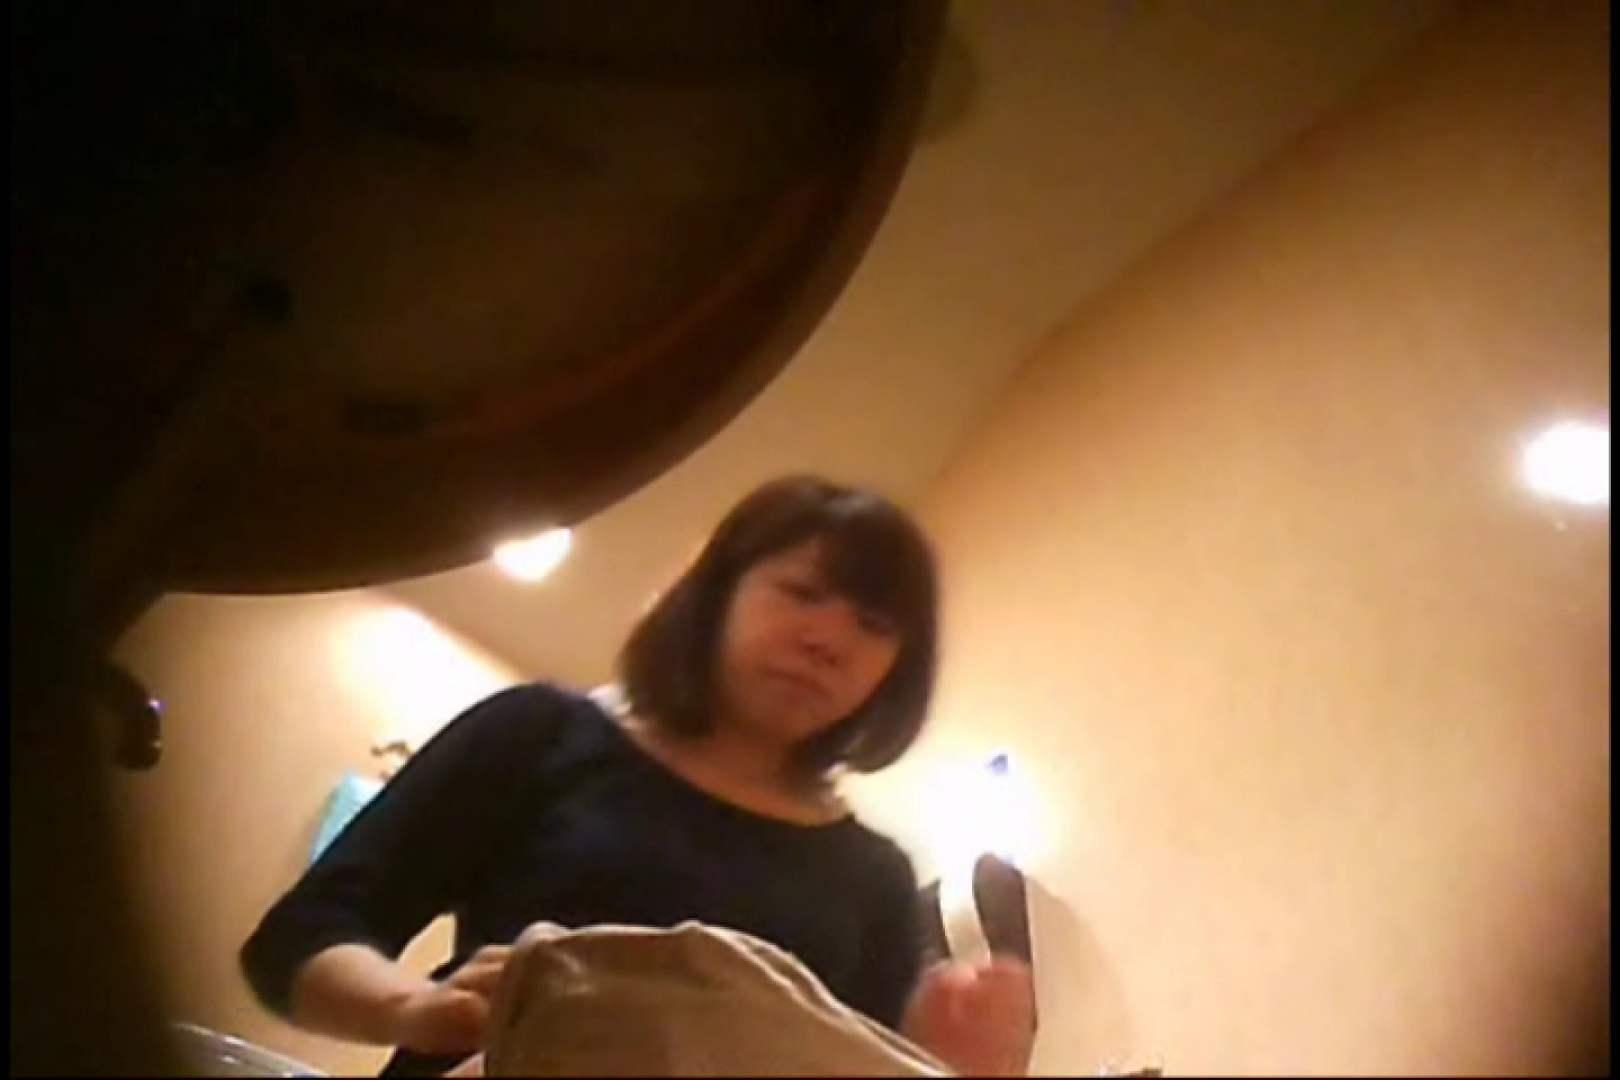 潜入!!女子化粧室盗撮~絶対見られたくない時間~vo,124 美人 おまんこ無修正動画無料 112pic 99